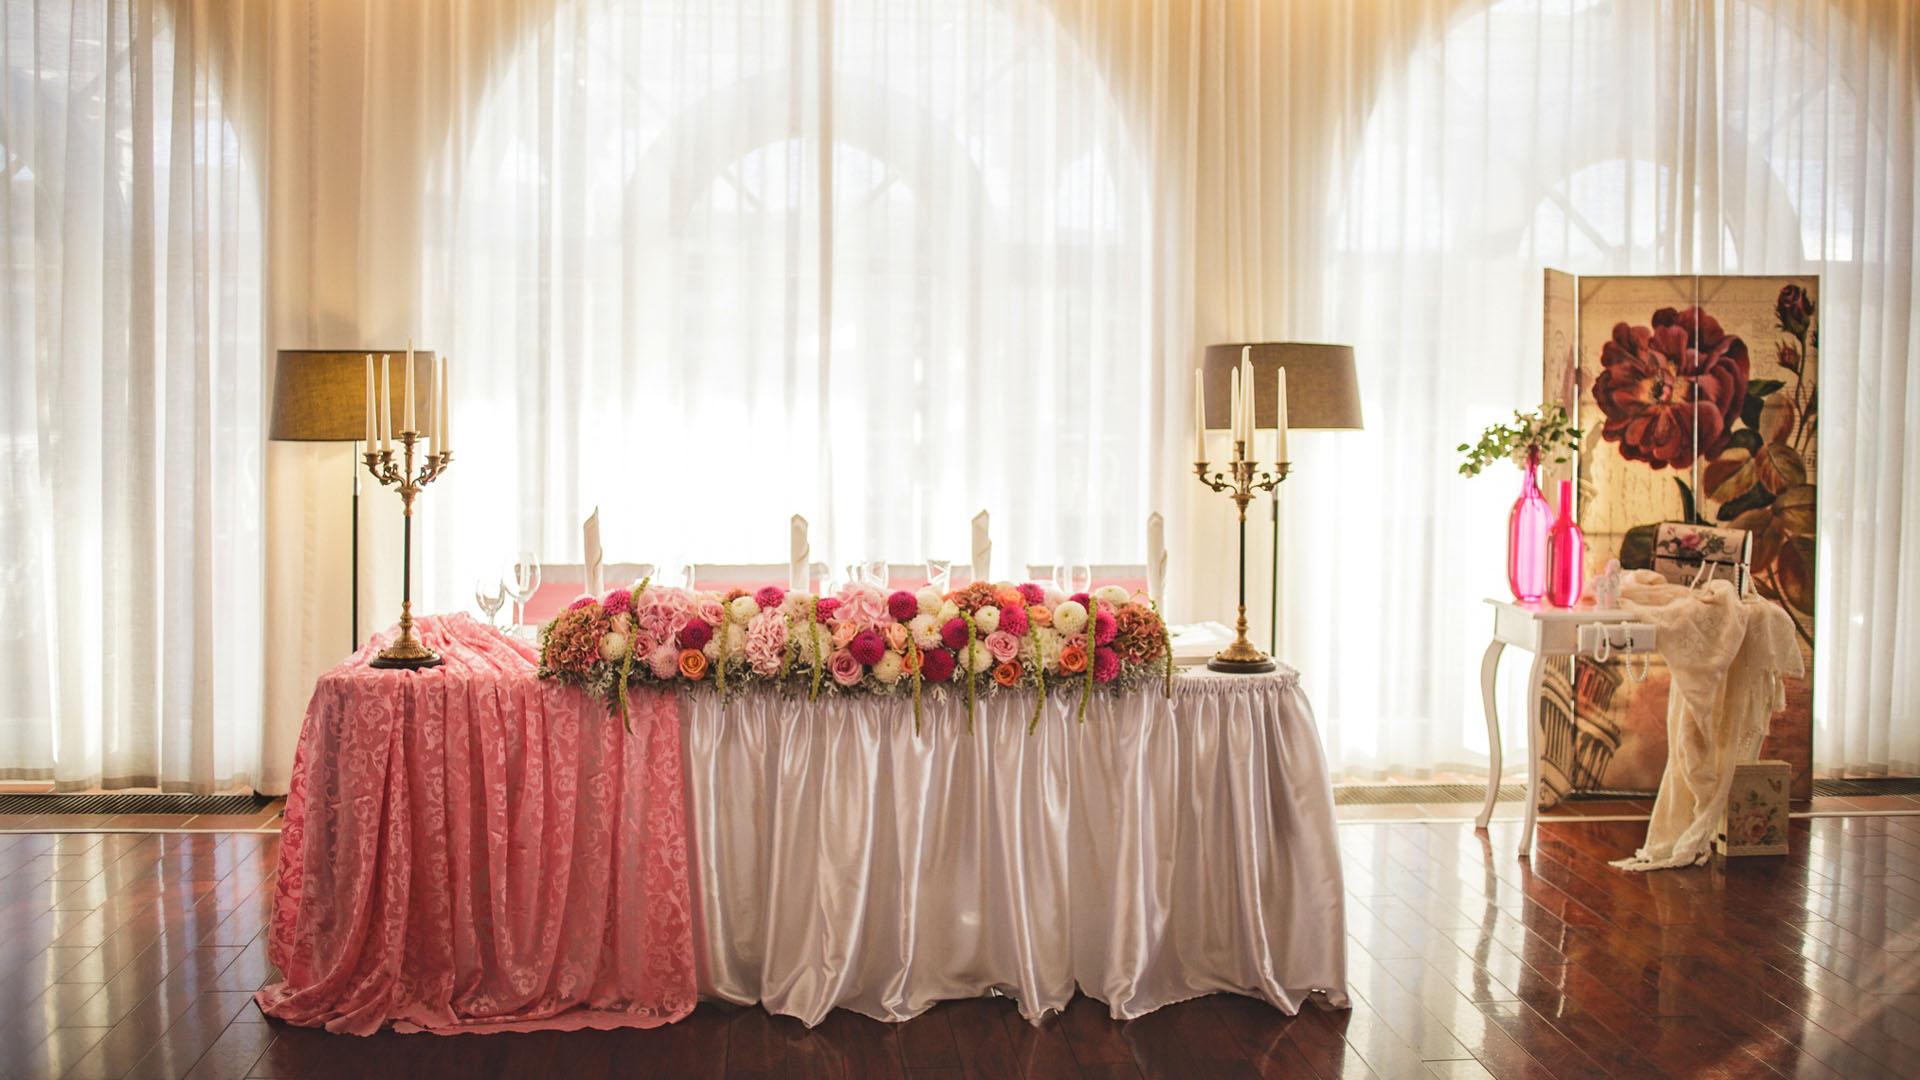 Сватбена декорация в розово на масата за младоженците в ресторанта